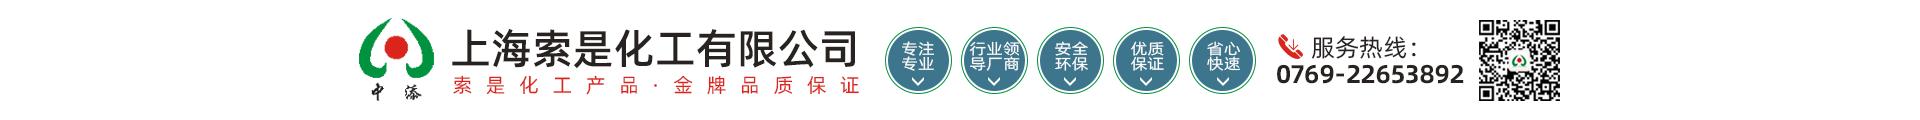 上海索是化工有限公司